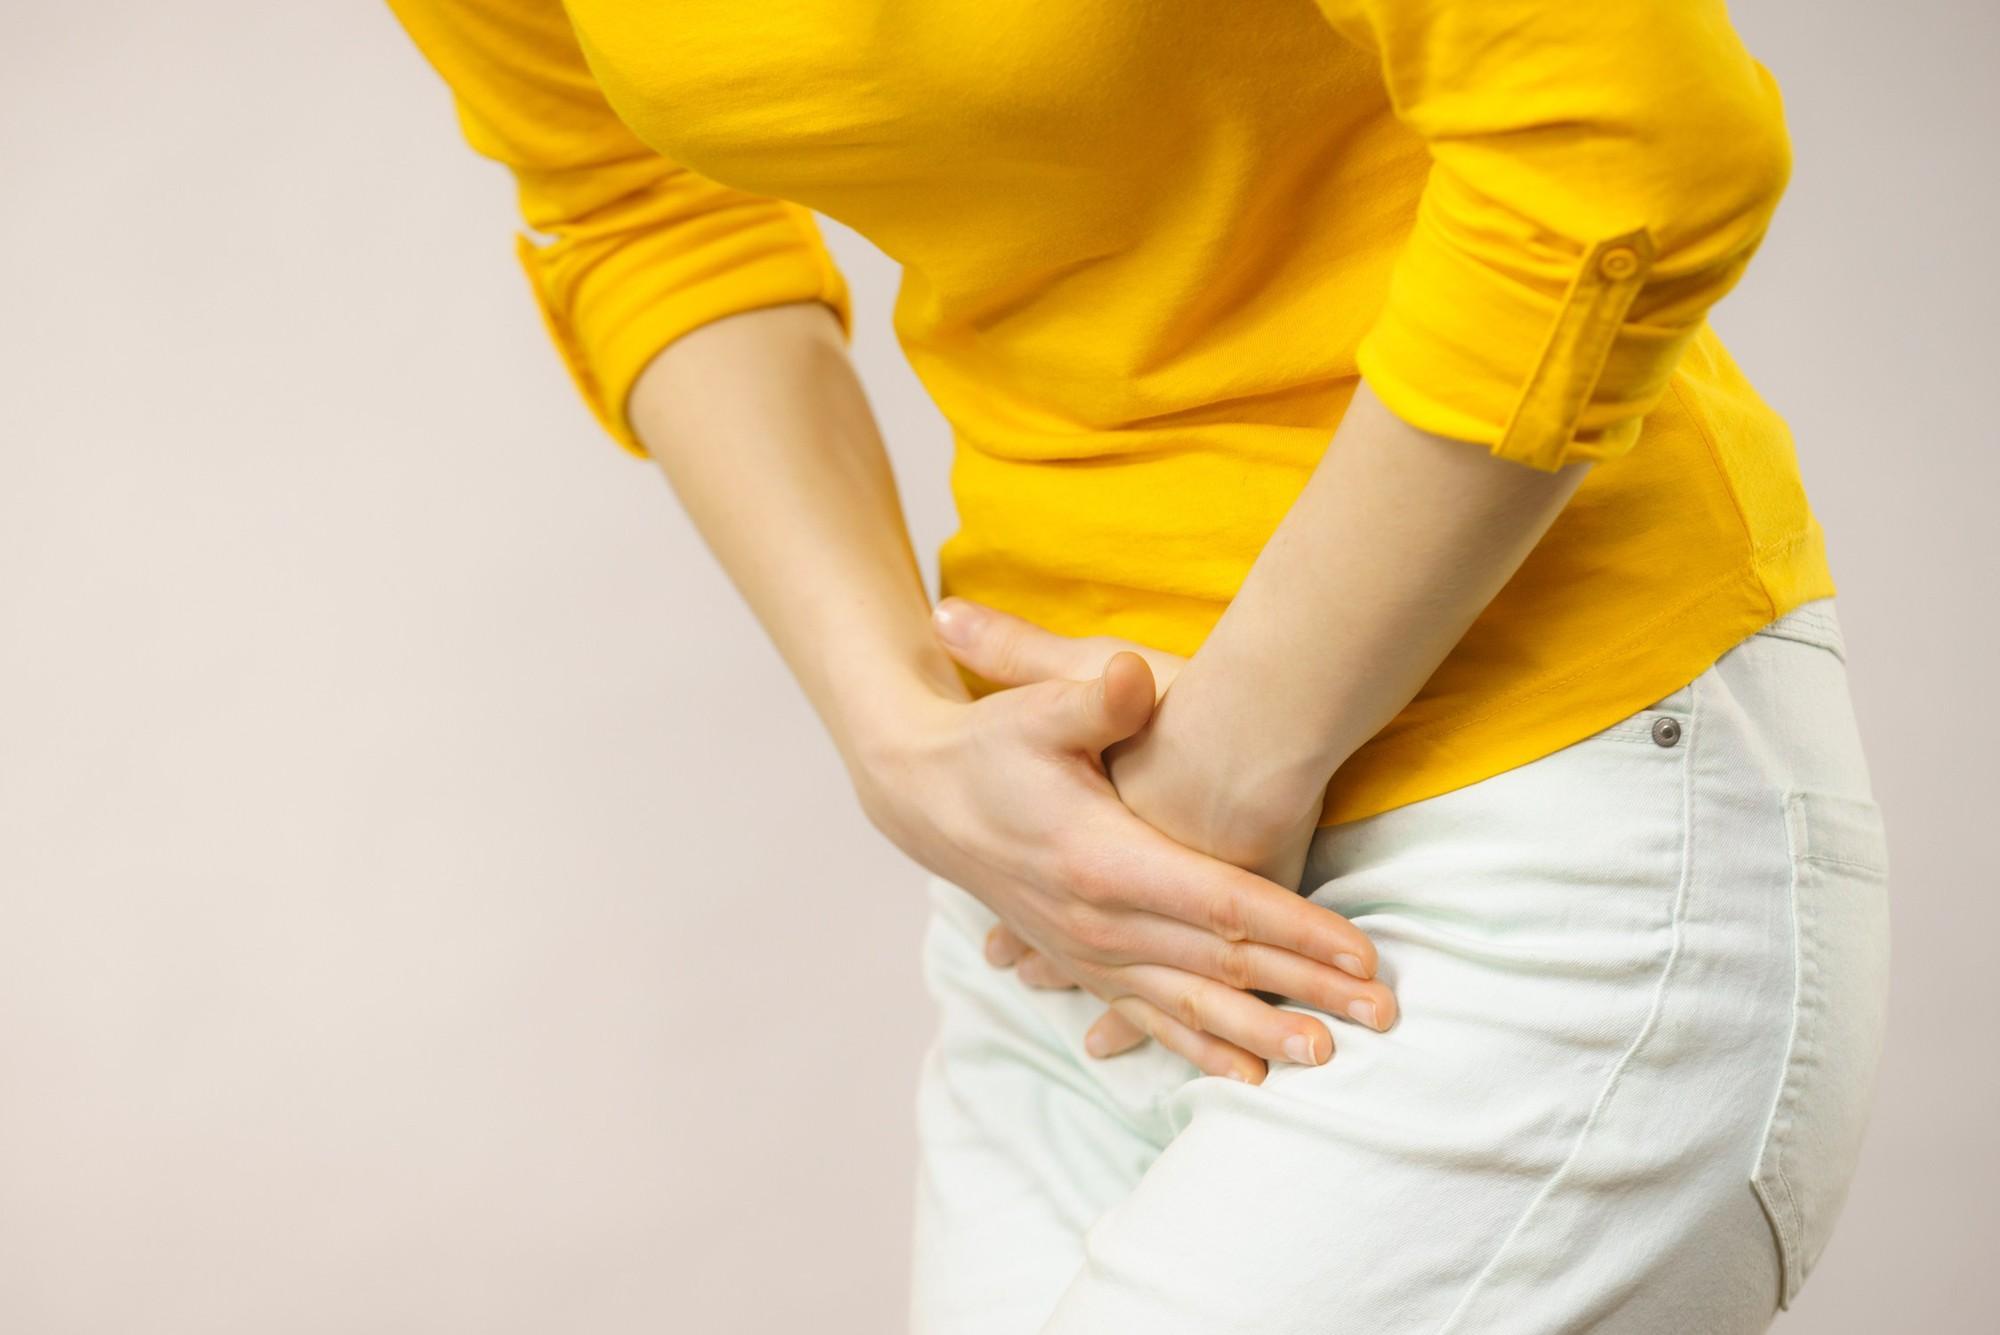 5 vấn đề sức khỏe thường gặp ở vùng kín mà con gái không nên chủ quan bỏ qua - Ảnh 2.